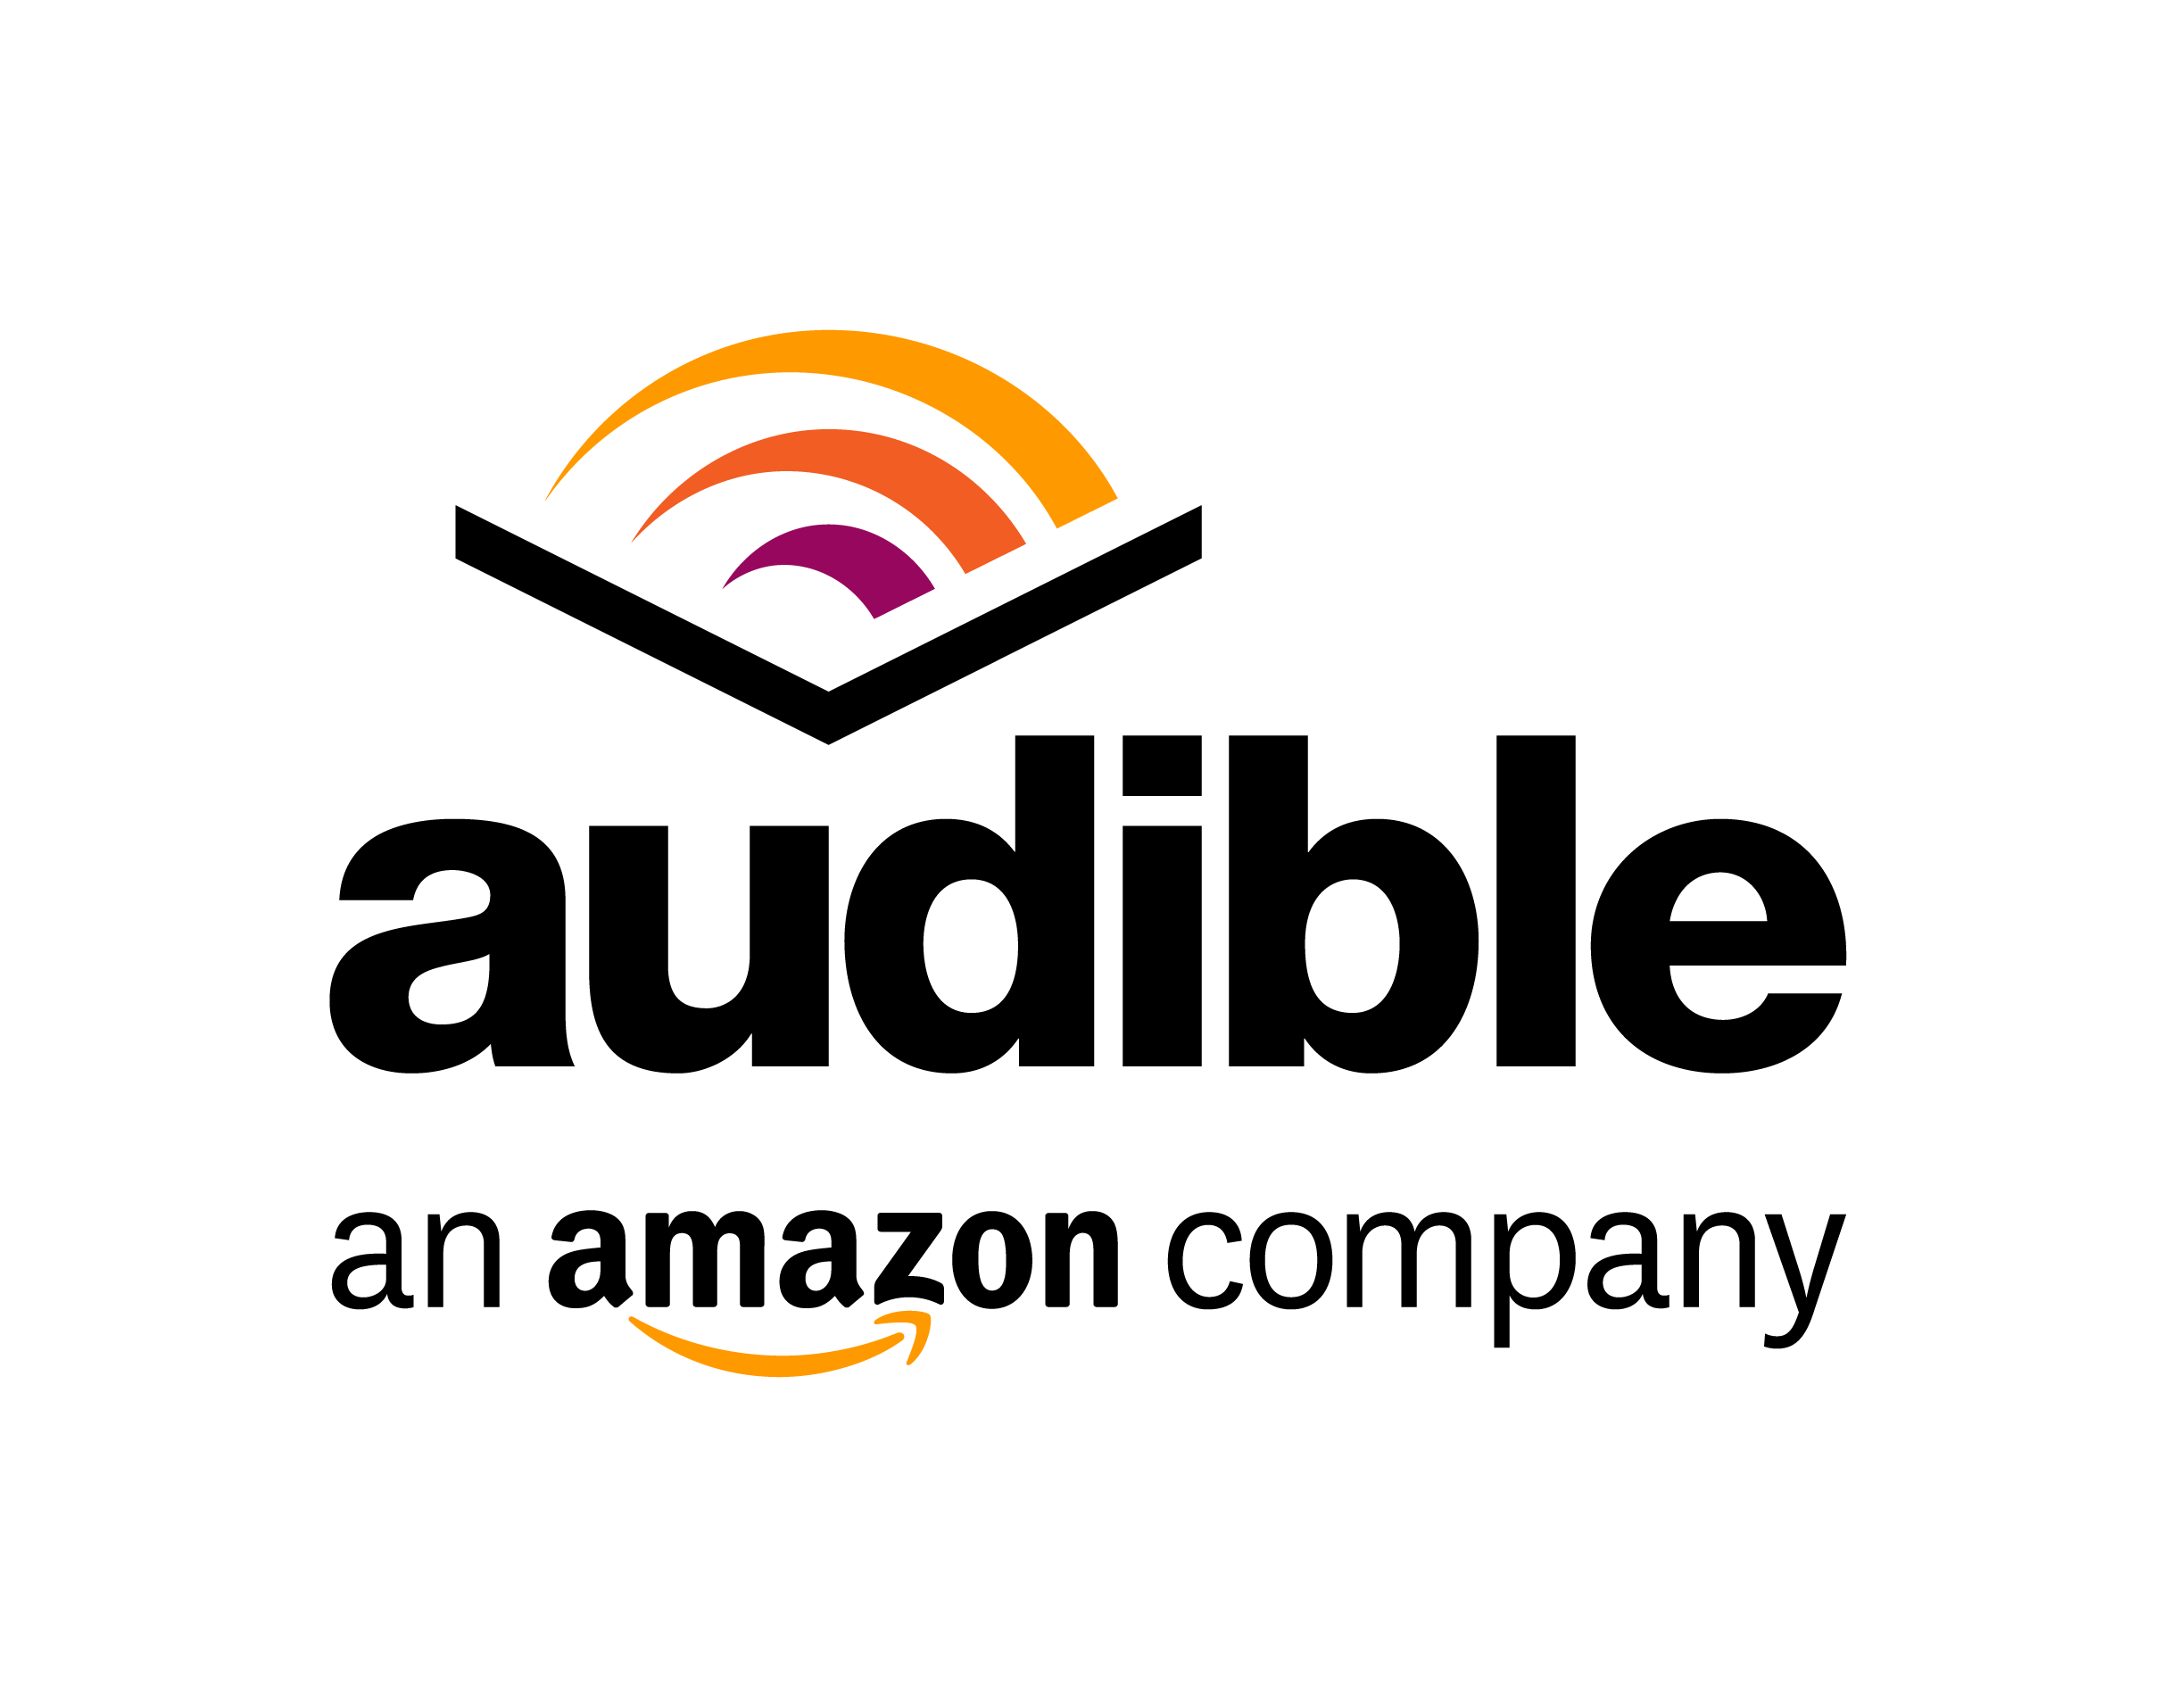 audible-coupon.png